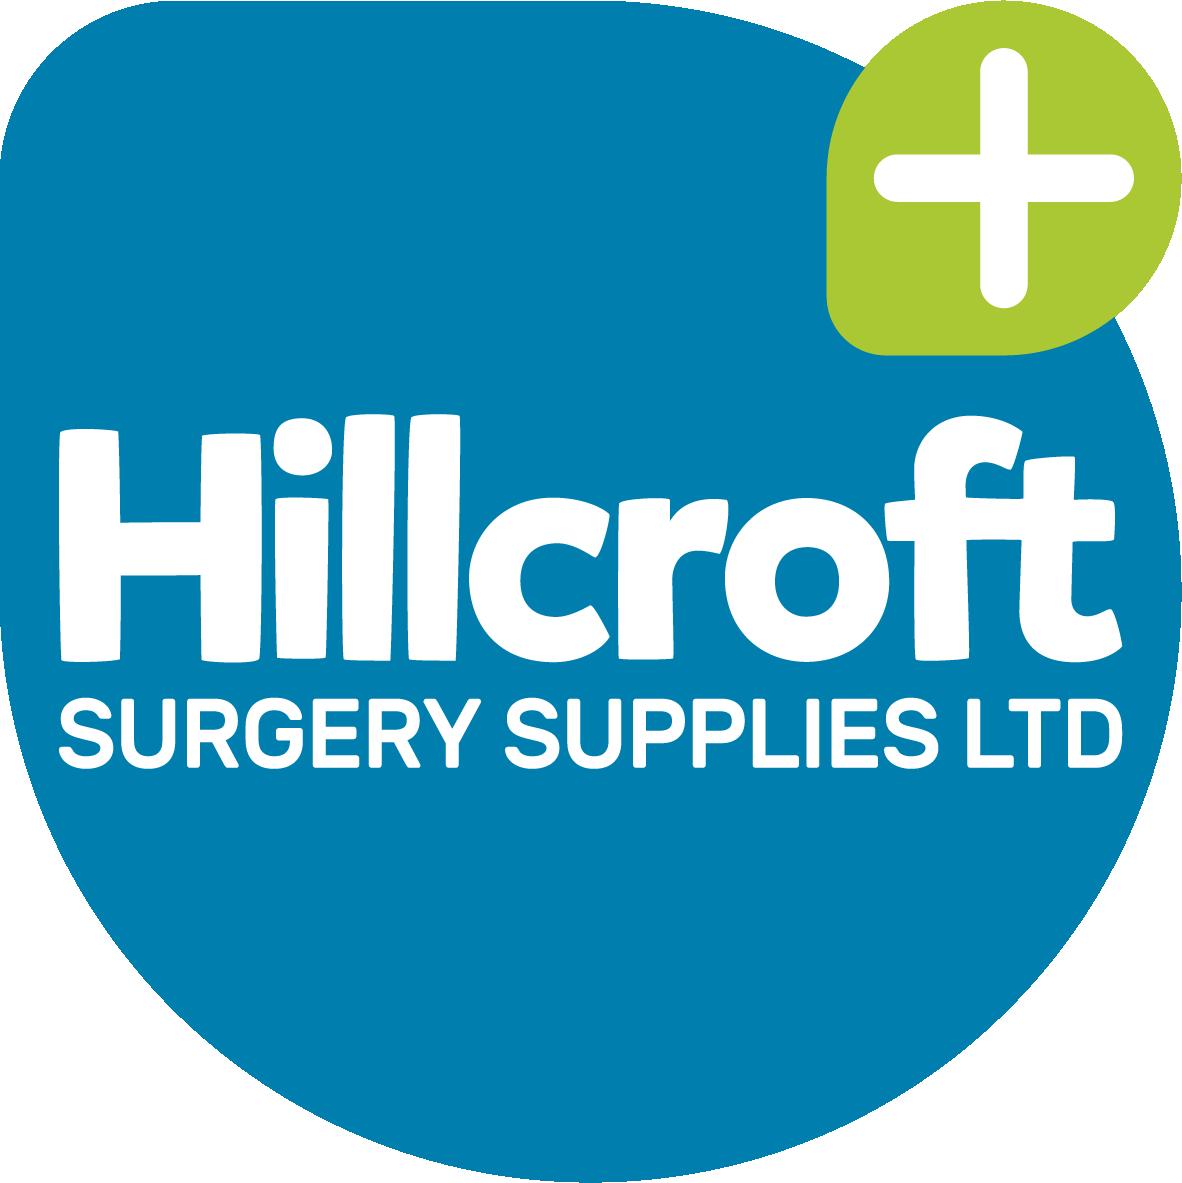 Read Hillcroft Surgery Supplies Ltd Reviews